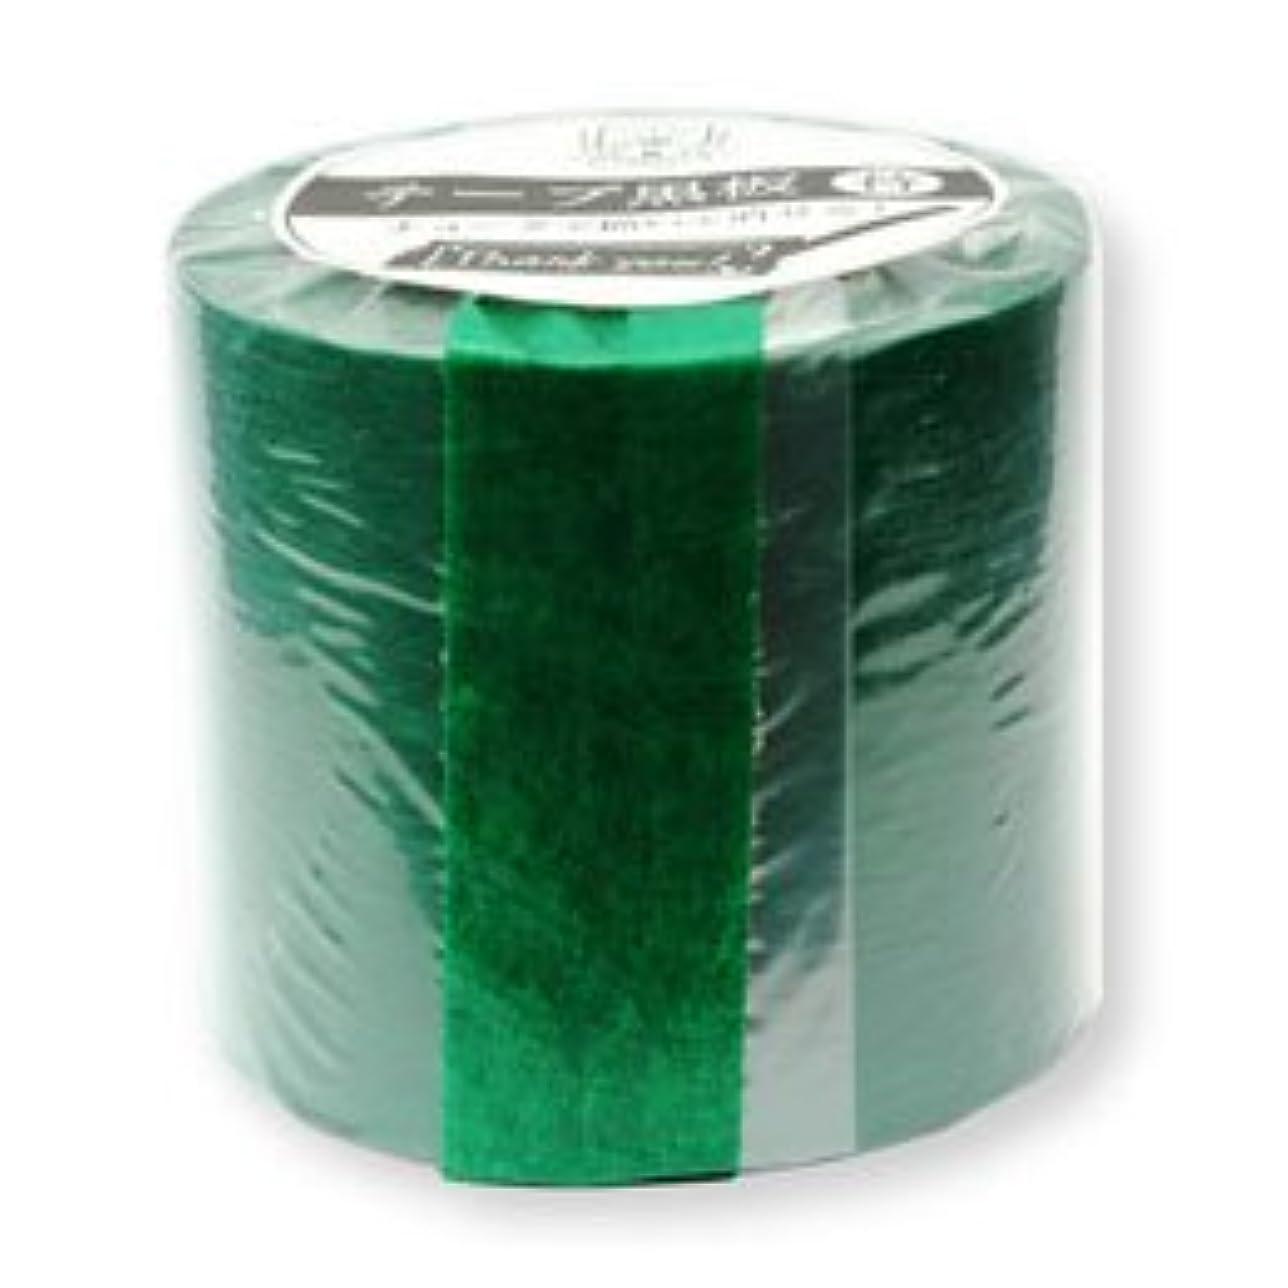 ライドフィールドしおれた(2個まとめ売り) 日本理化学工業 テープ黒板替テープ 50ミリ幅 緑 STRE-50-GR